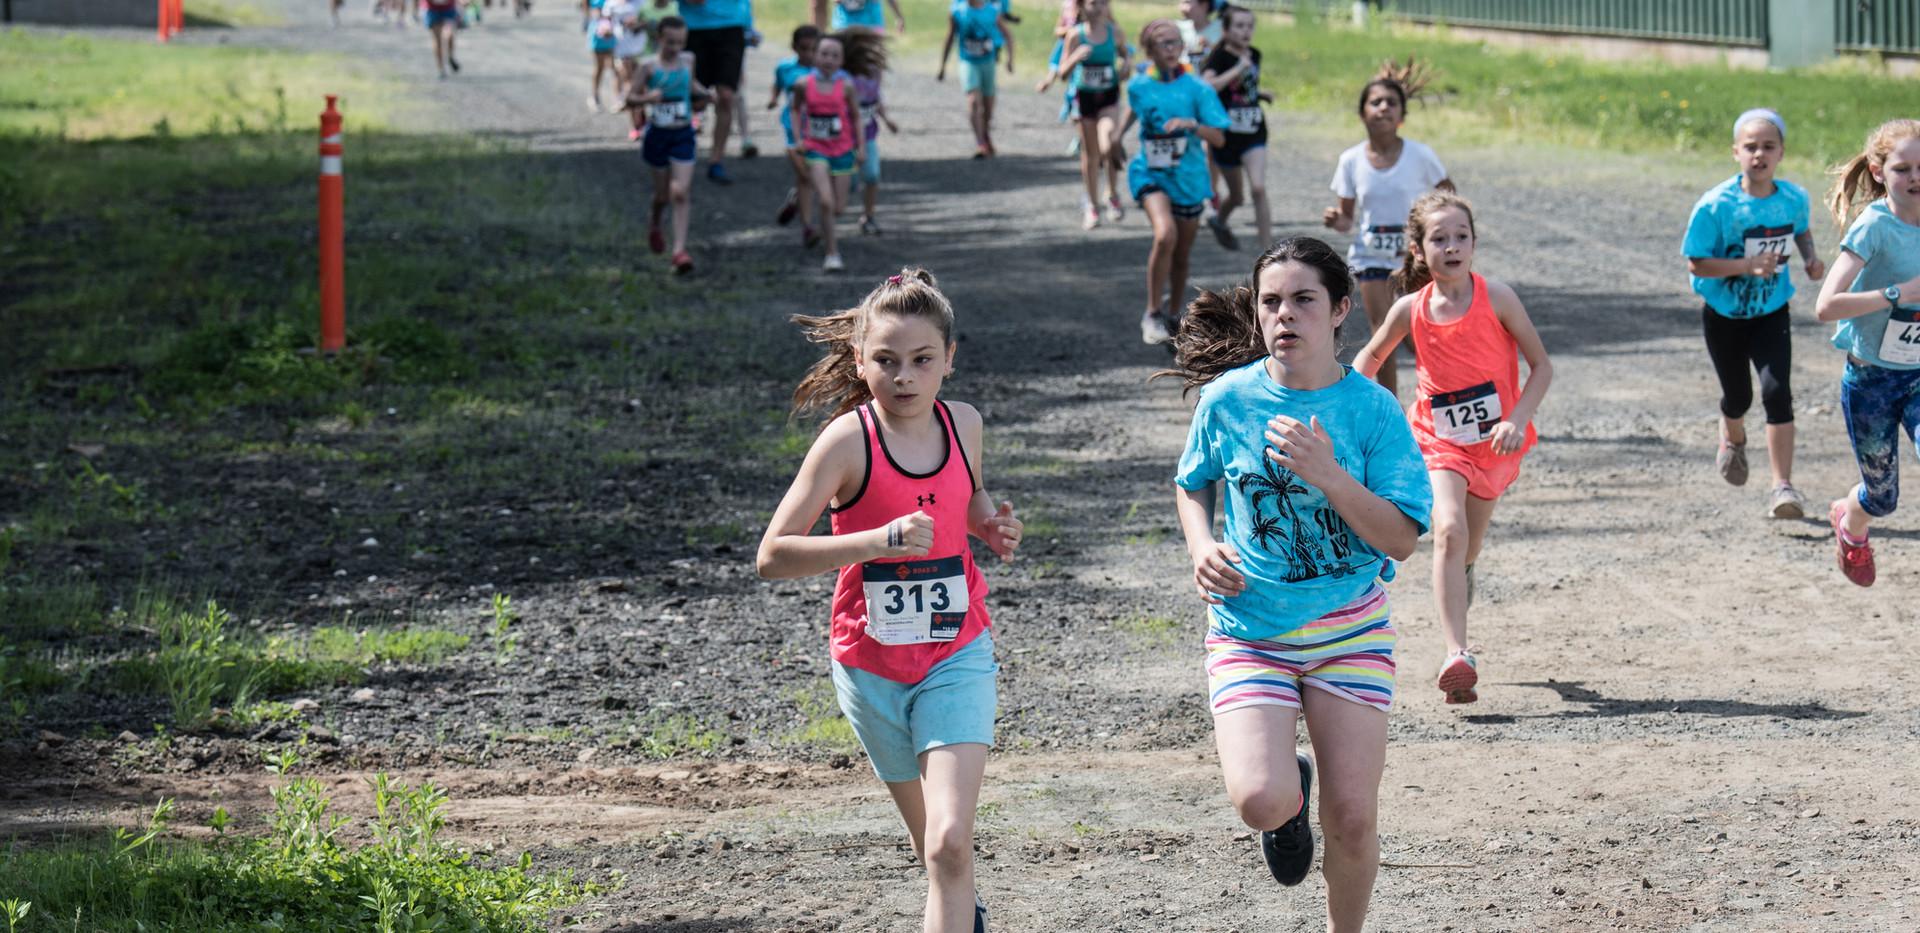 Go far 2018 1 Mile and 2 mile-4012.jpg